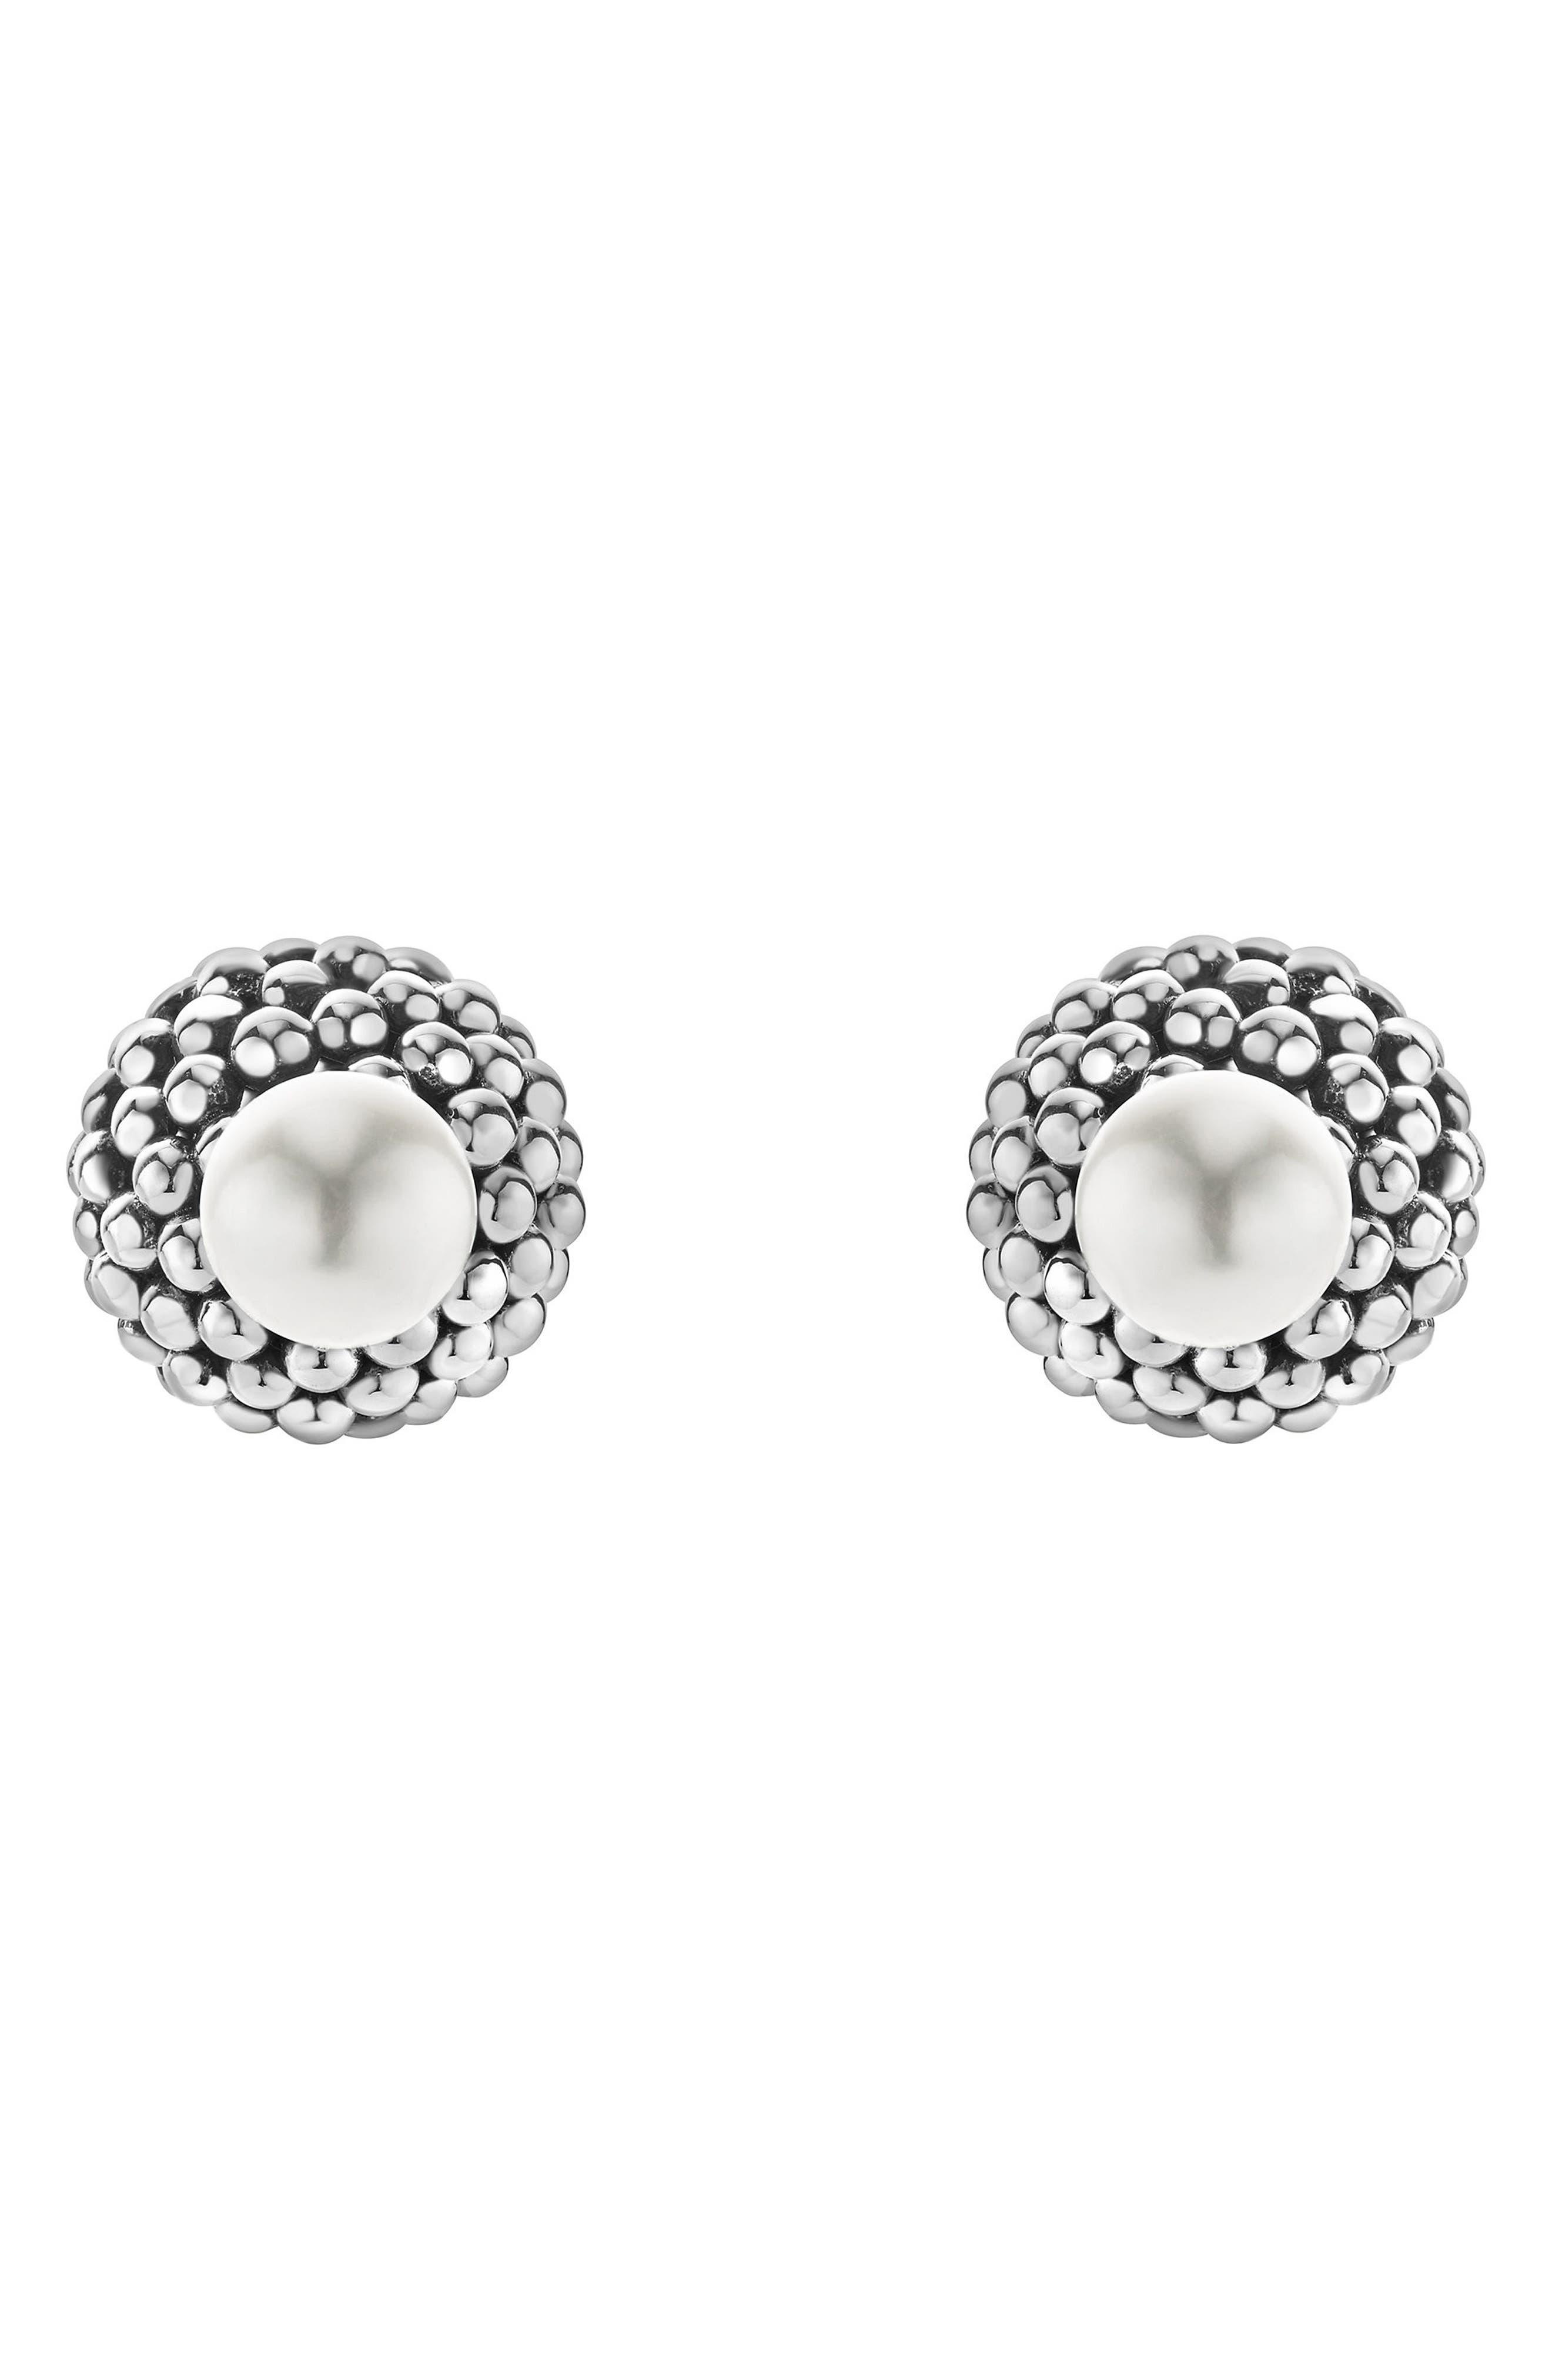 Caviar & Pearl Stud Earrings,                             Main thumbnail 1, color,                             Pearl